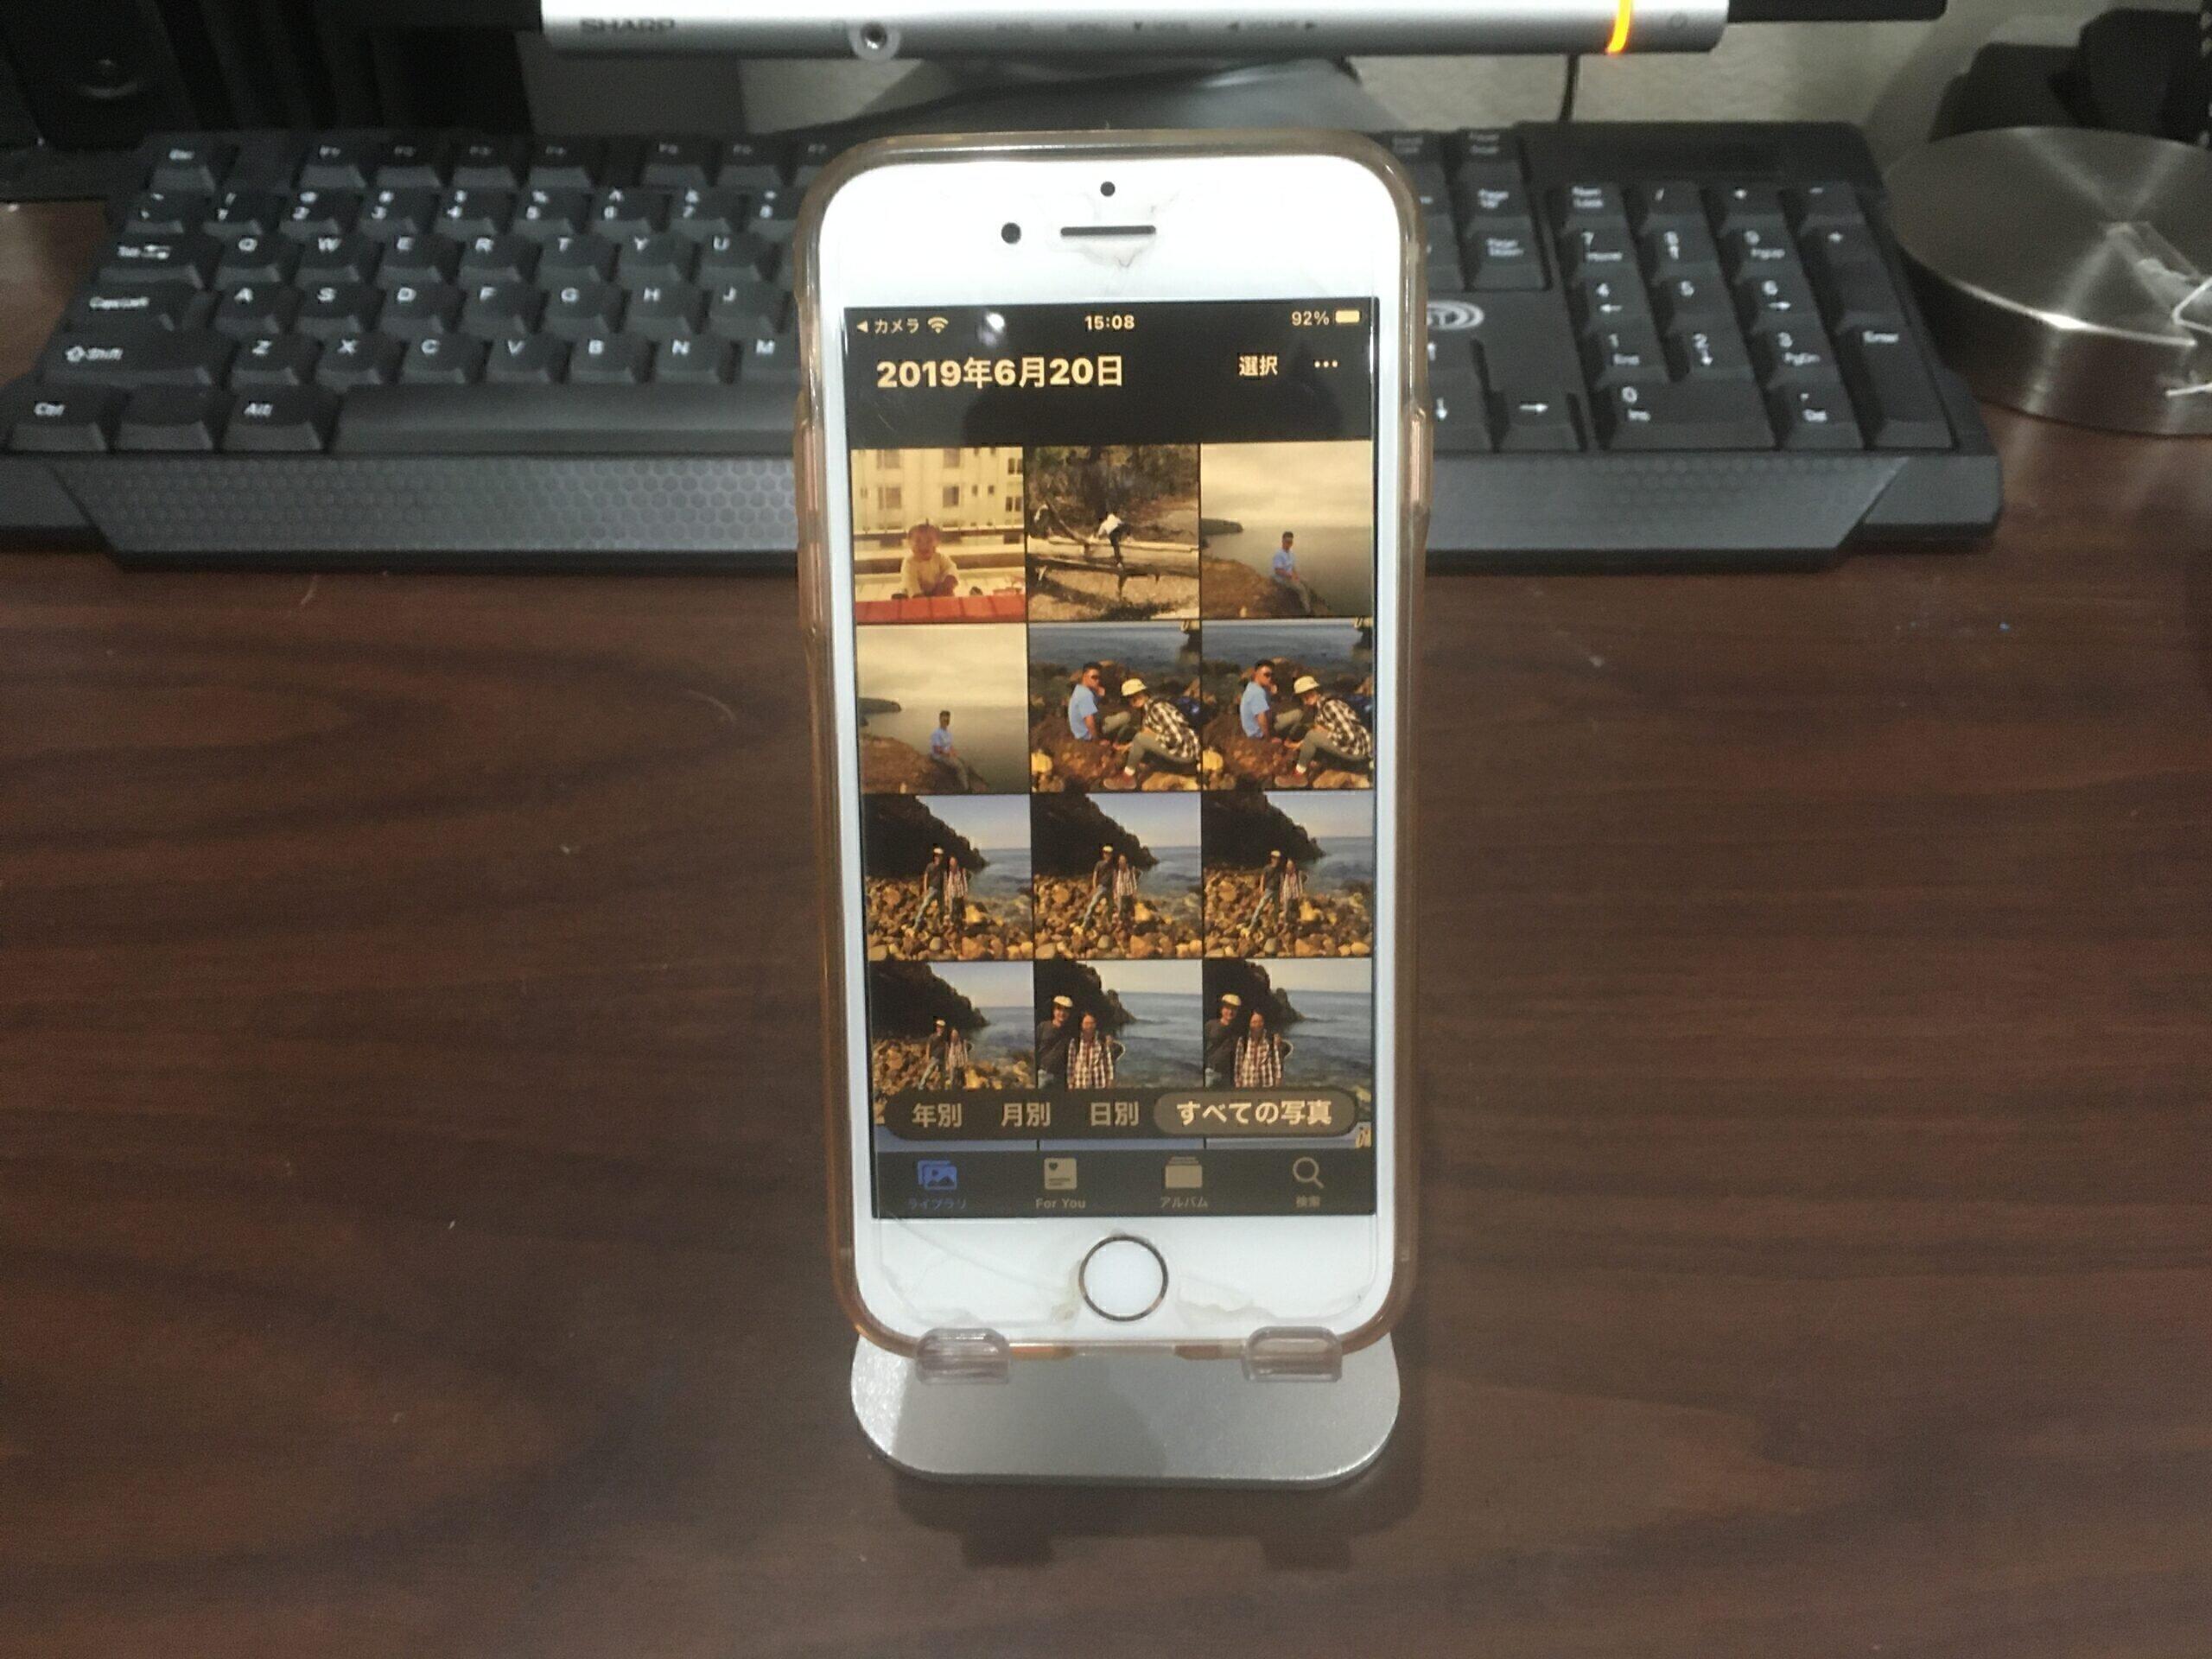 iPhone / iPad で写真・画像をトリミング(切り出し/切り抜き)するには?